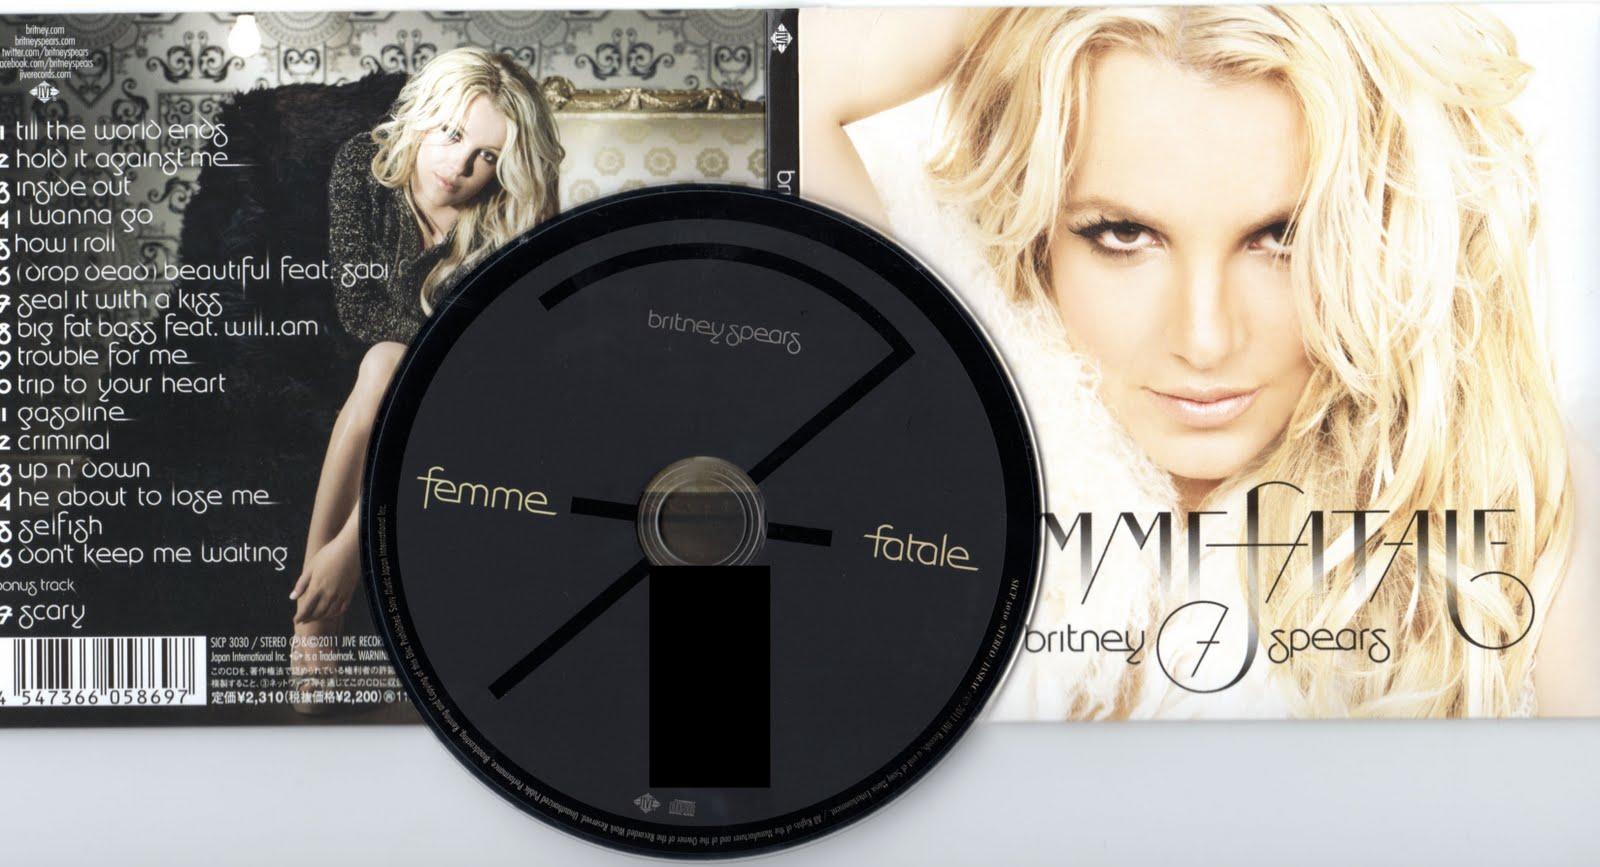 http://3.bp.blogspot.com/-gTTflCdDLQY/TmOyxVUr-9I/AAAAAAAACnc/YPZJP2g3H6M/s1600/Britney+Spears+2011+Femme+Fatale+7.jpg